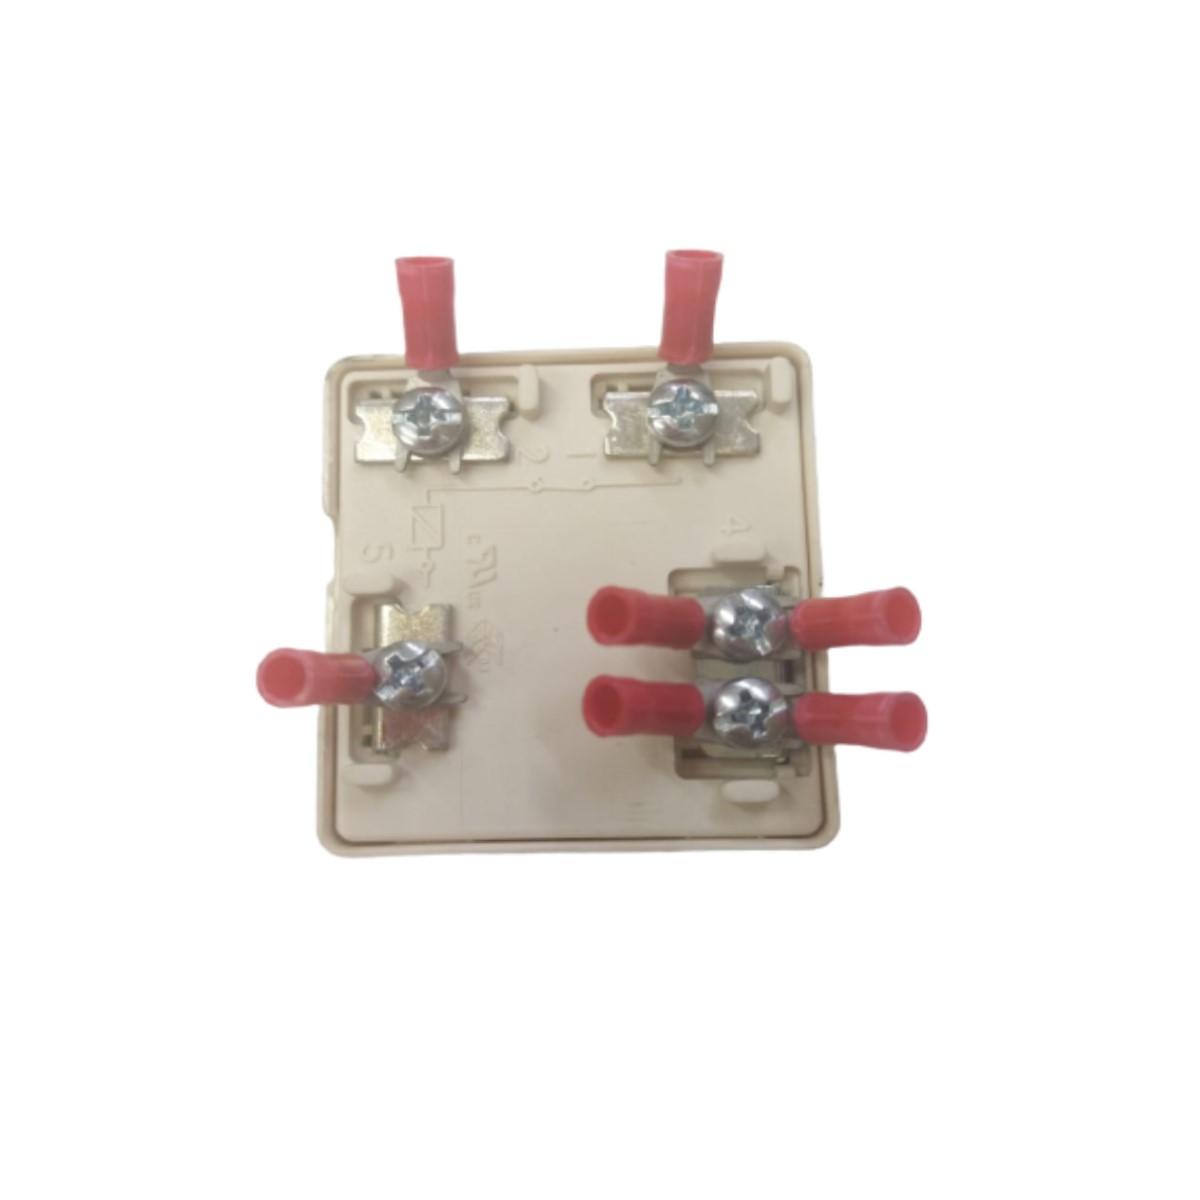 Rele Voltimétrico para compressor de Ar Condicionado 3HP 400V 177590040701